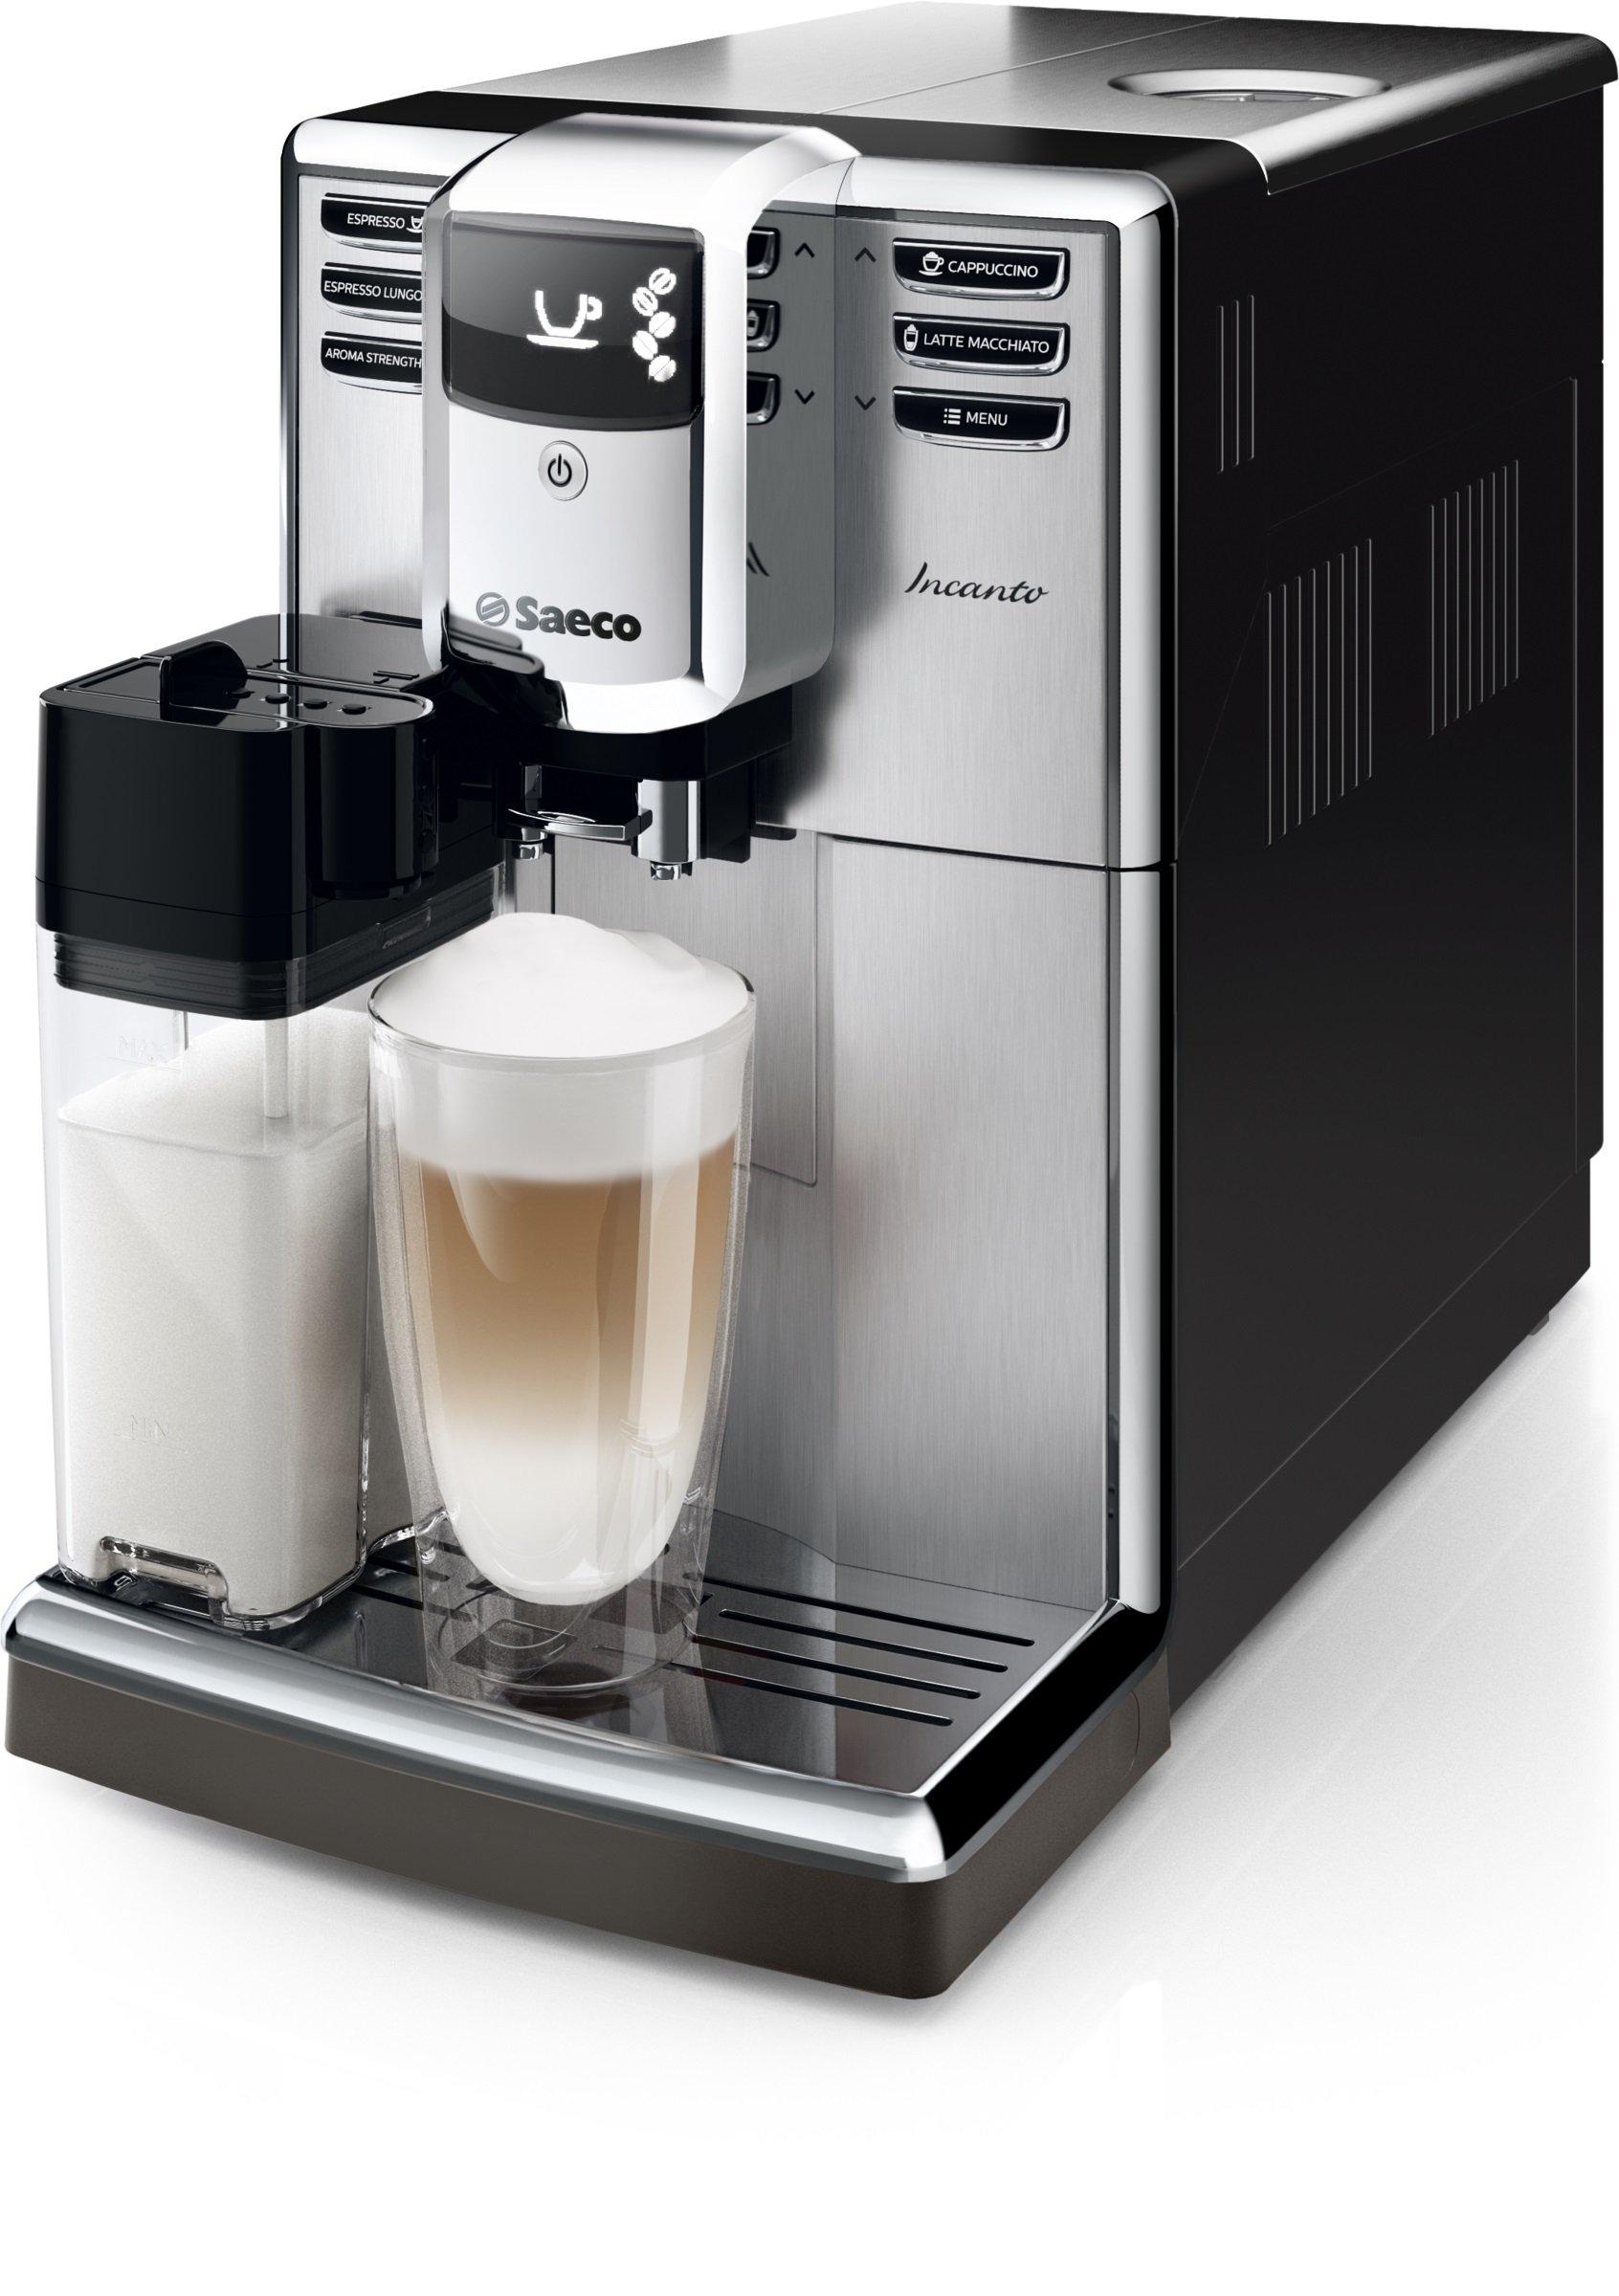 035df18316bec1 Saeco HD8917 01 Incanto Machine à Café Automatique Inox Noir, Ecran LCD,